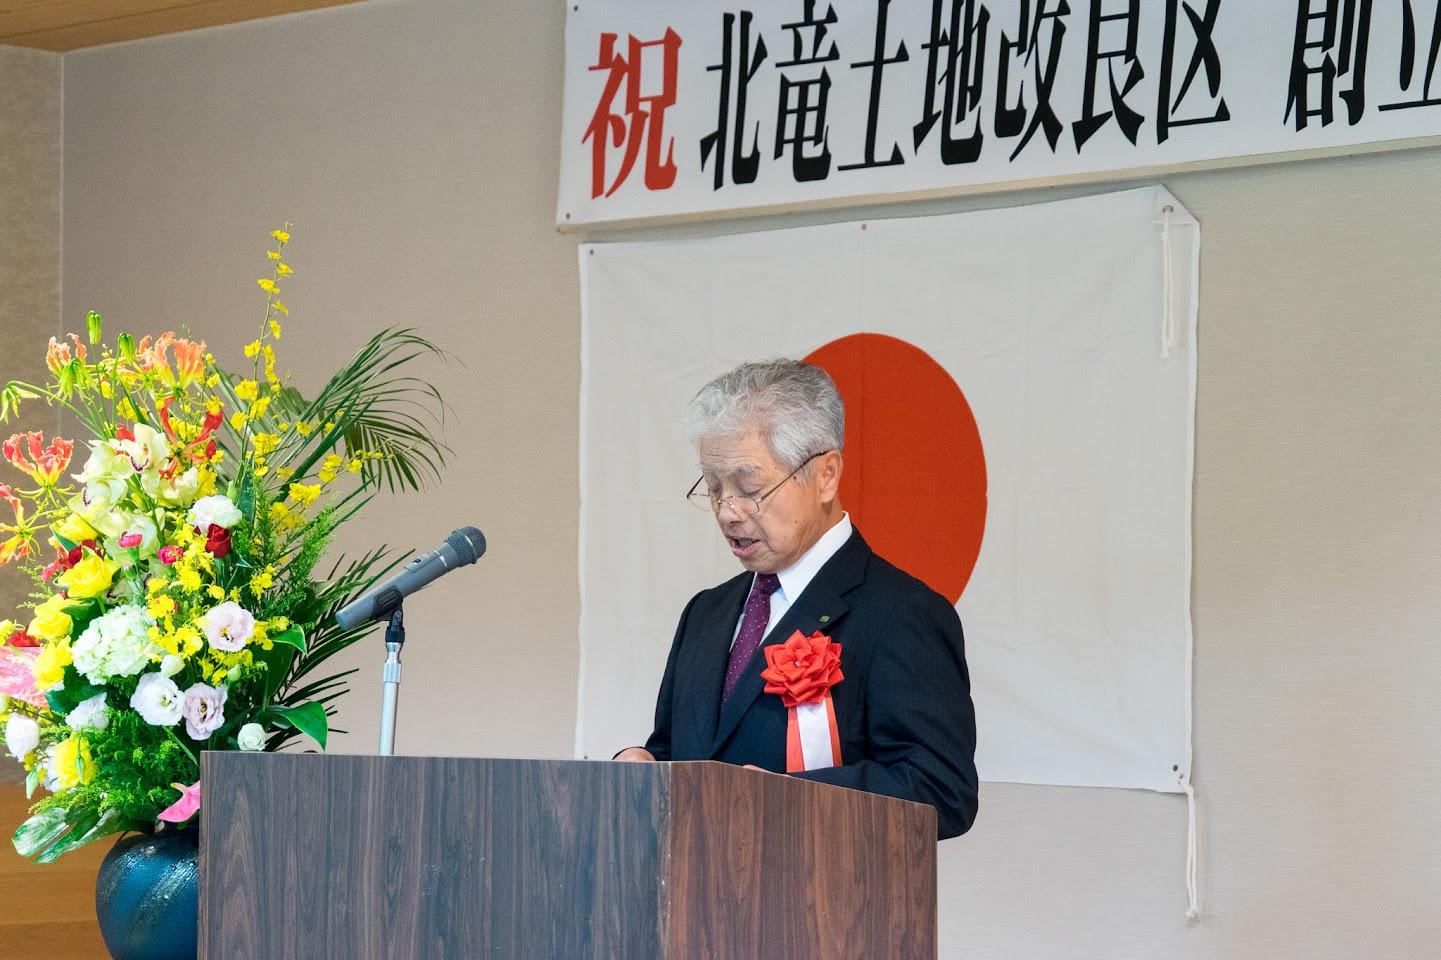 北海道土地改良事業団体連合会・塩尻芳央 会長理事